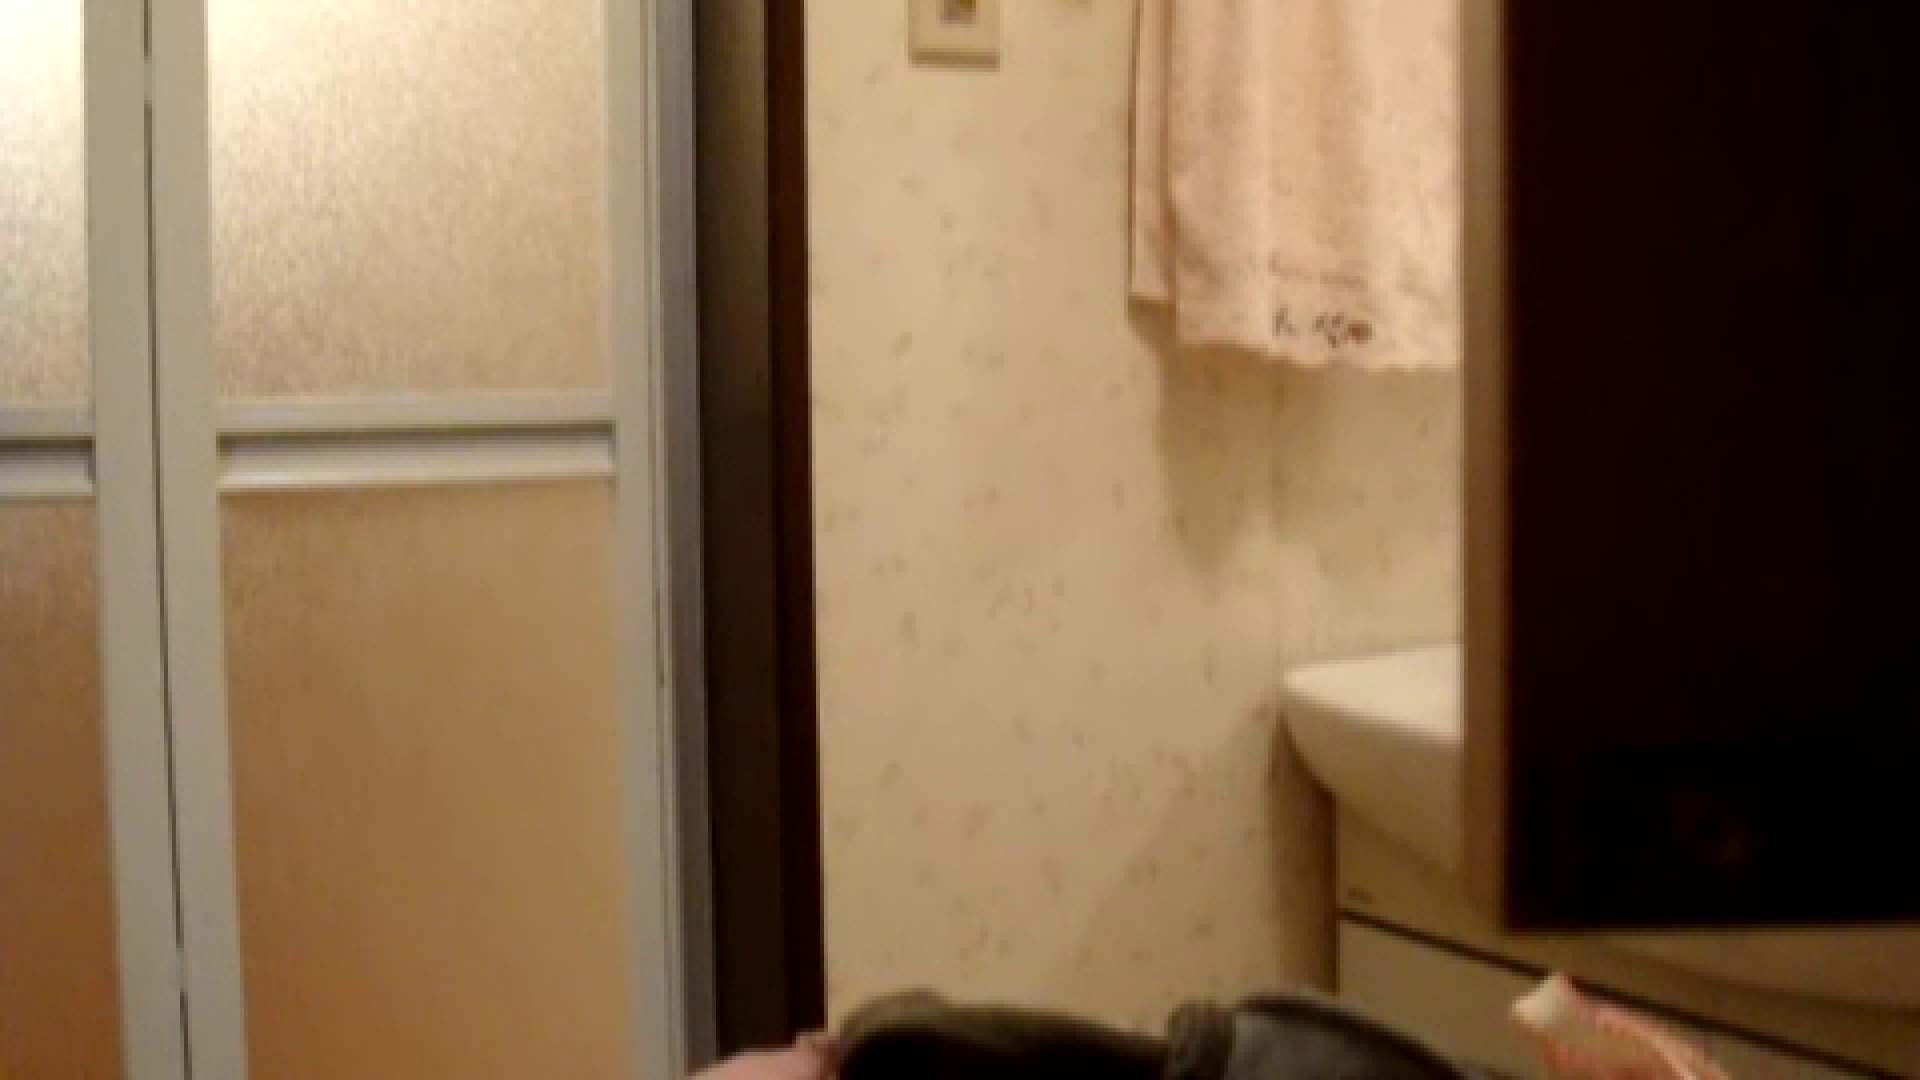 二人とも育てた甲斐がありました… vol.08 まどかの入浴中にカメラに気付いたか!? 入浴 | HなOL  50pic 26